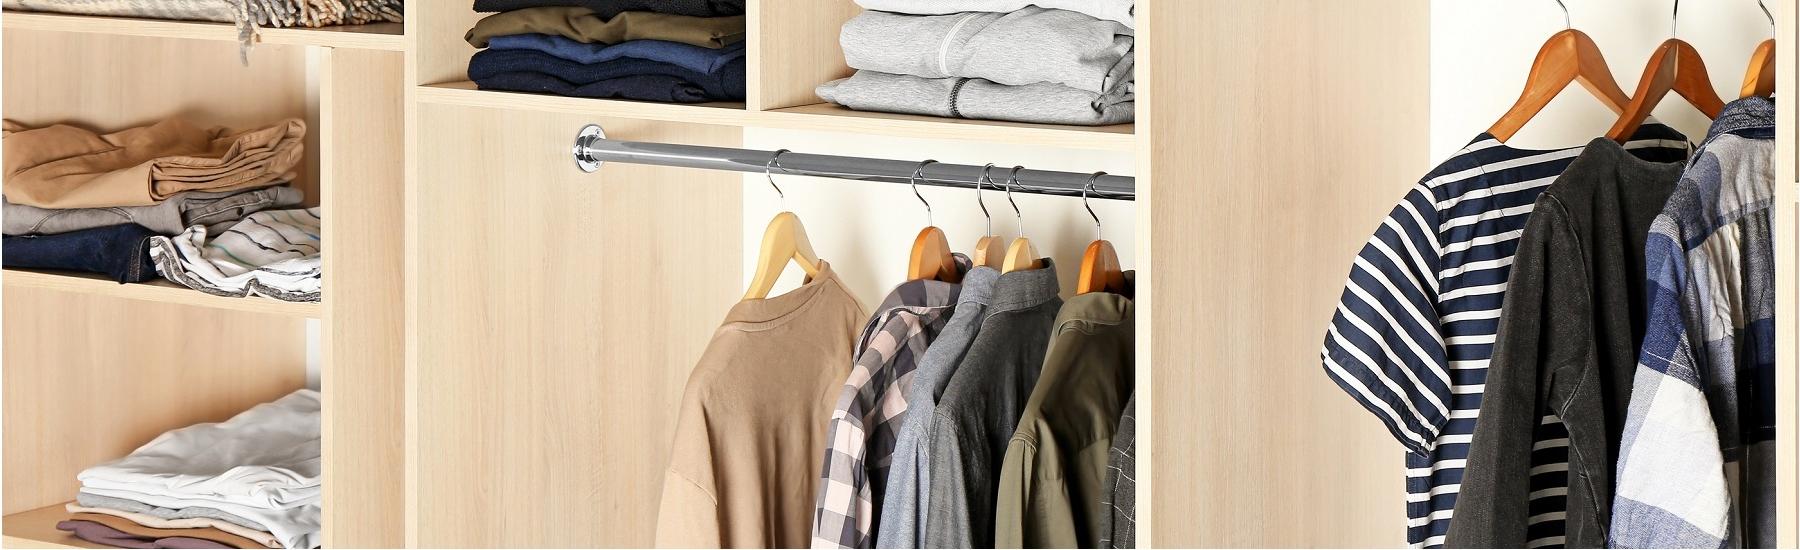 Organised Wardrobe